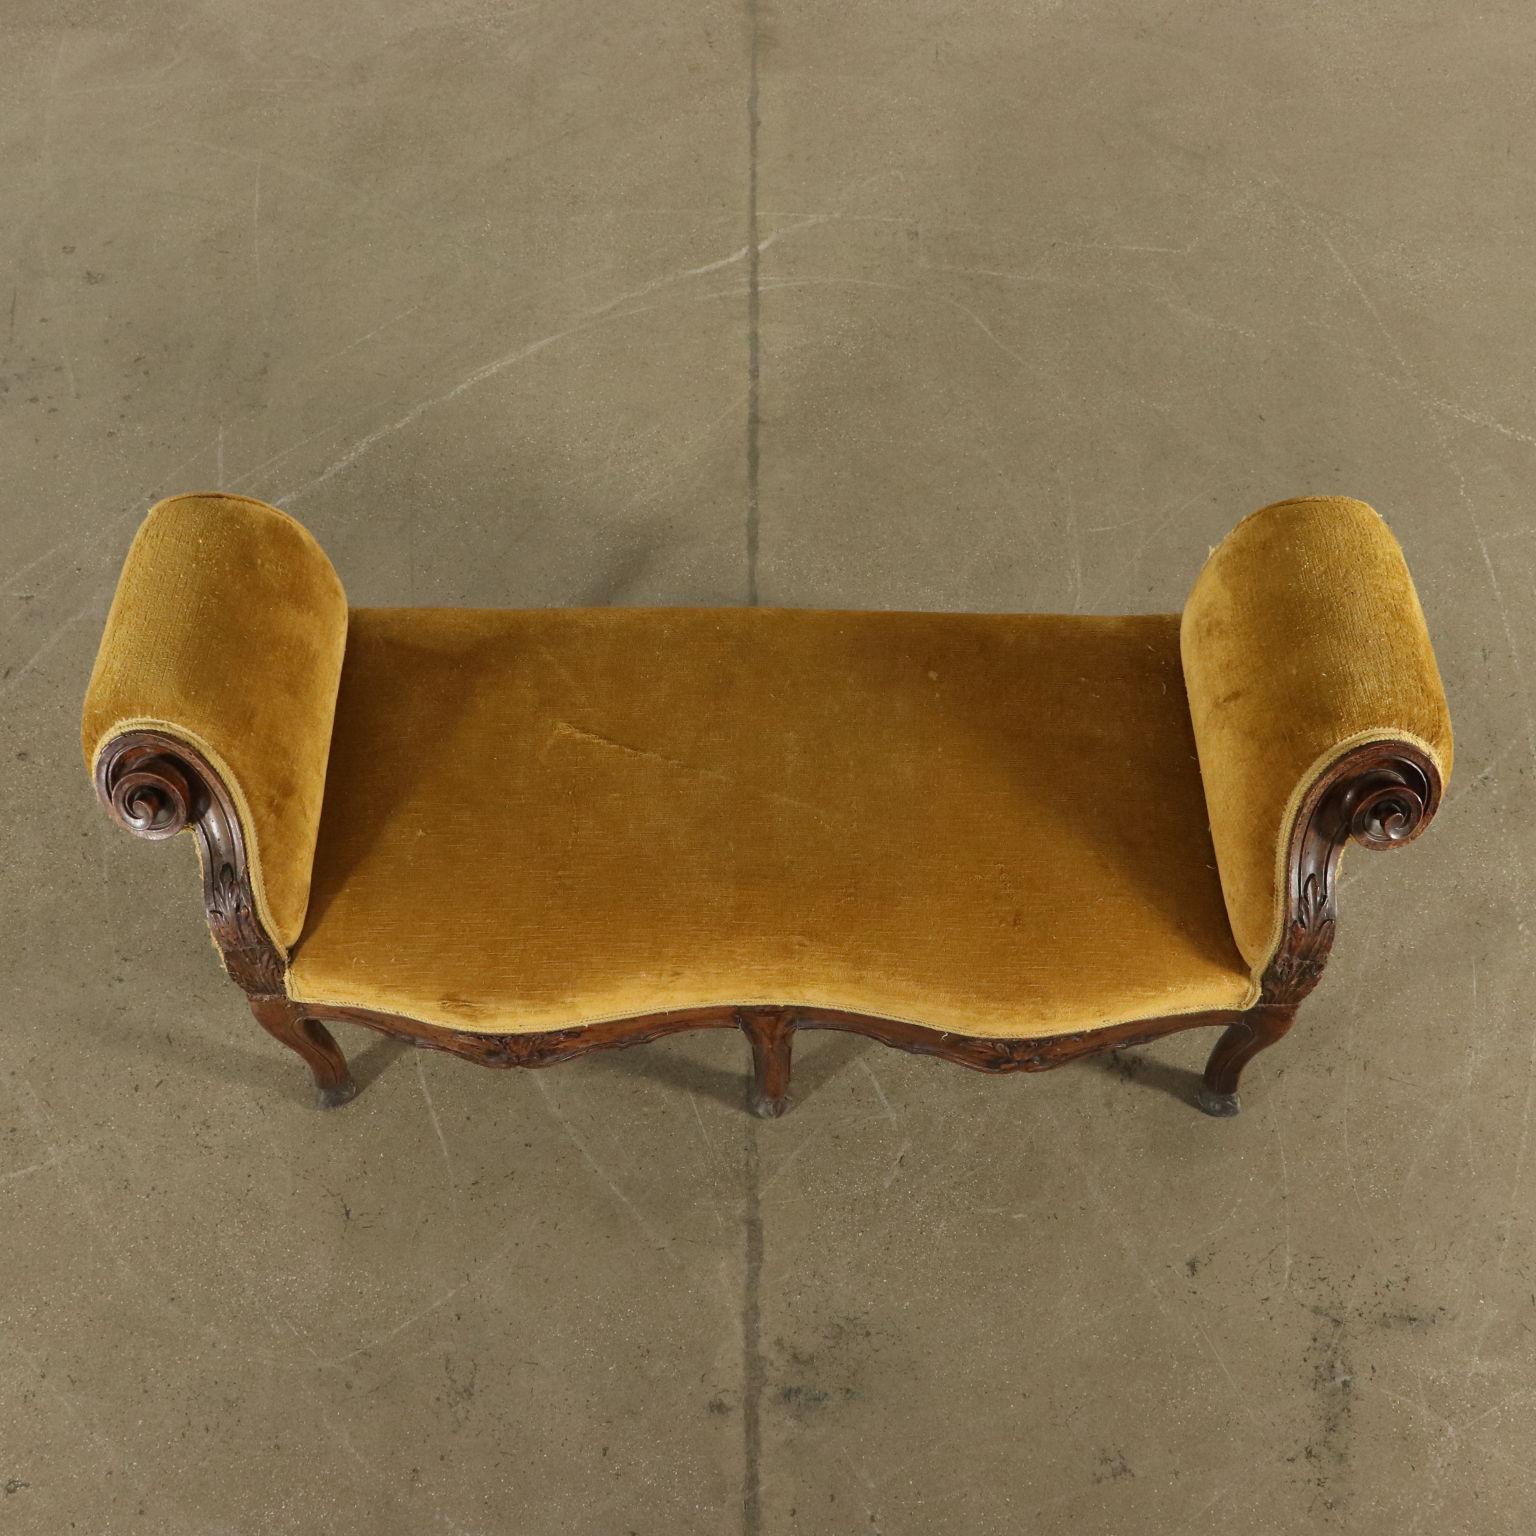 Couchgarnitur Antik Angerundete Bank 2 Sessel Einer Beschnitzt Nußbaum Modern Und Elegant In Mode Originale